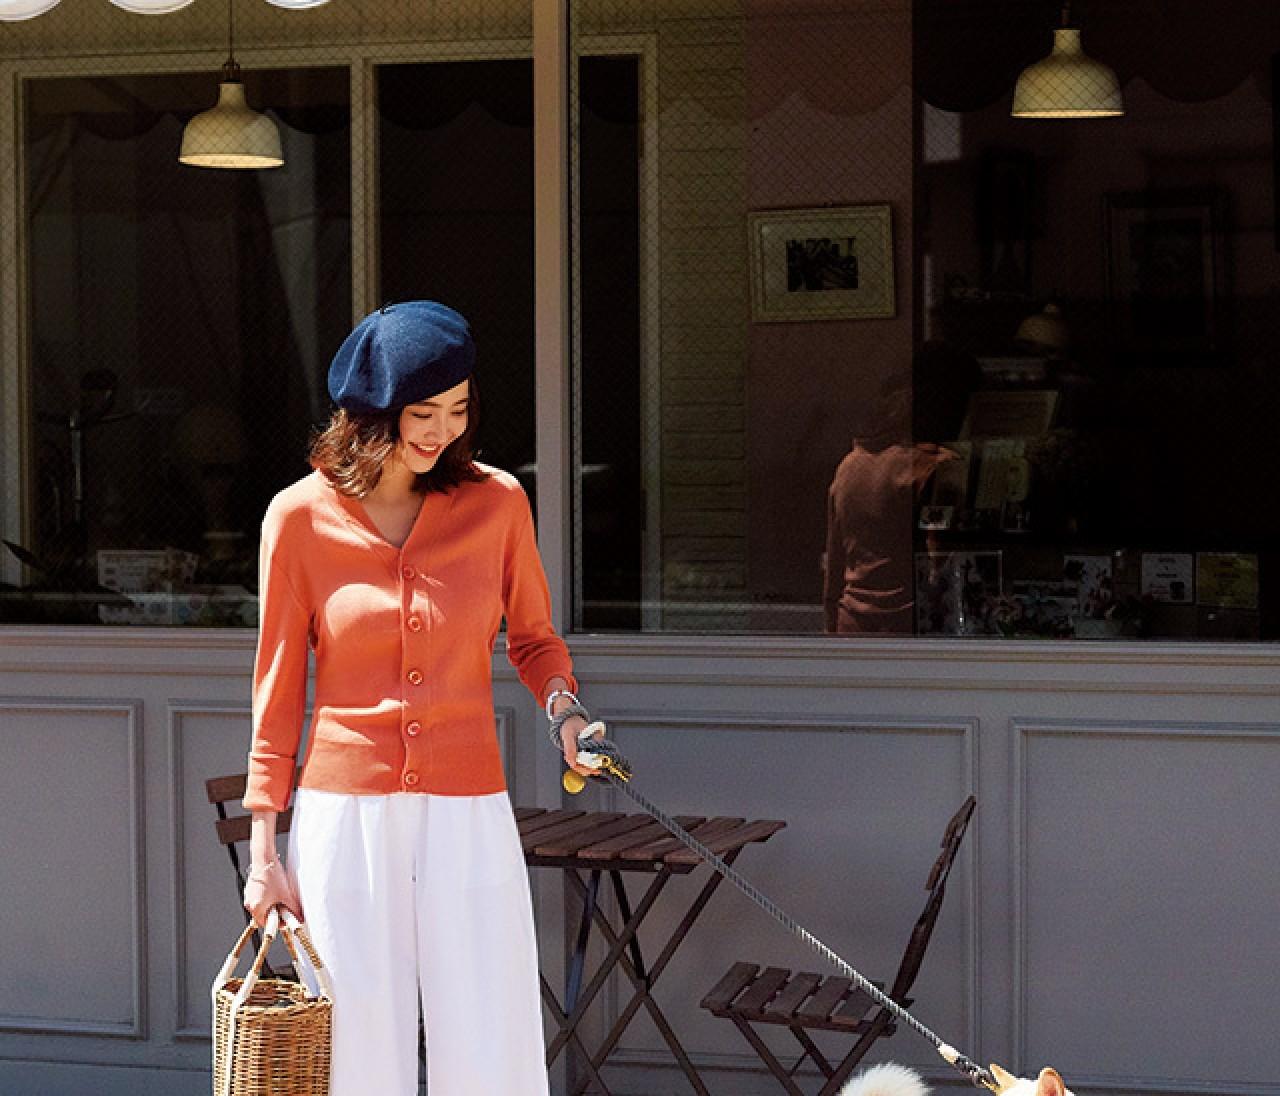 カラフルなのに上品♡ 華やかオレンジトップスは白パンツで上品に♡【2018/5/12のコーデ】